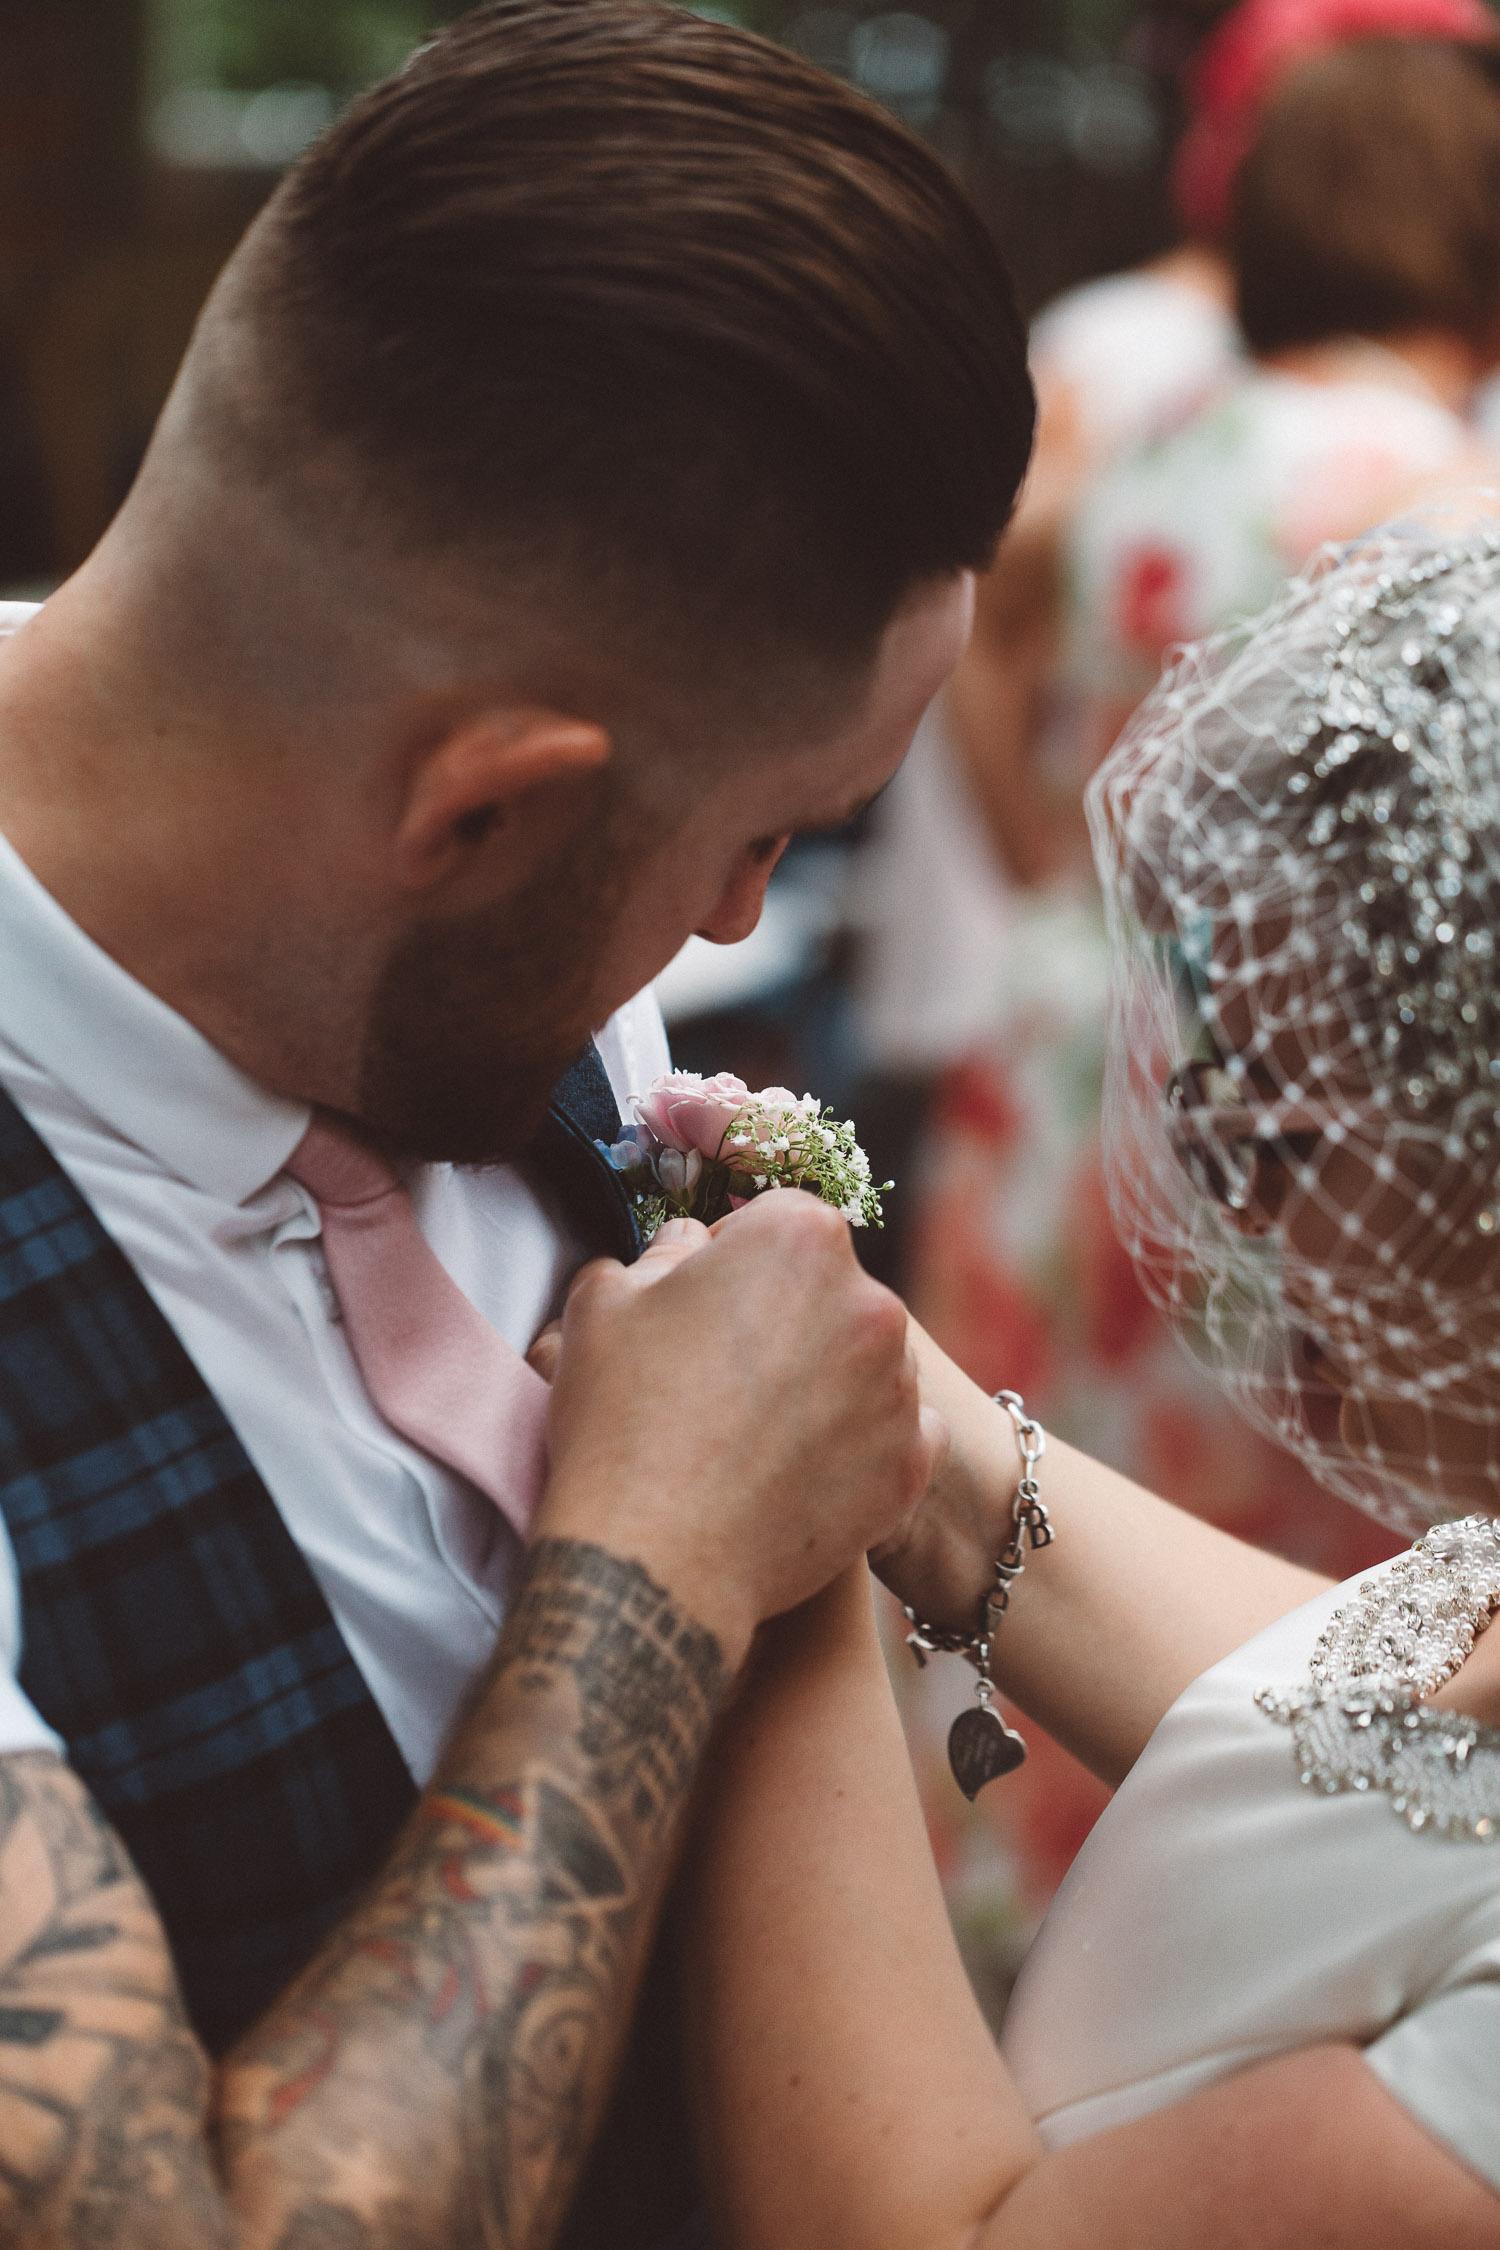 Wedding-Bethan-and-Mike-Hortus-Botanicus-photography-On-a-hazy-morning-Amsterdam131.jpg